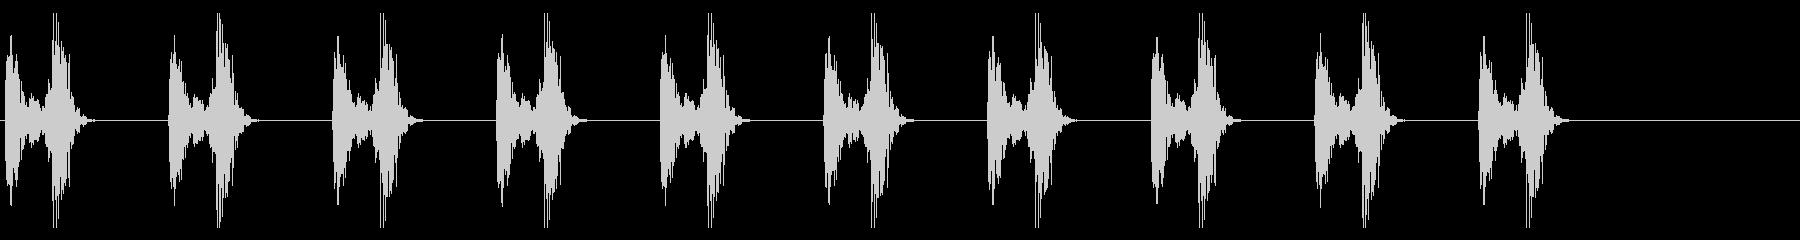 心音、心臓の鼓動_1-3の未再生の波形